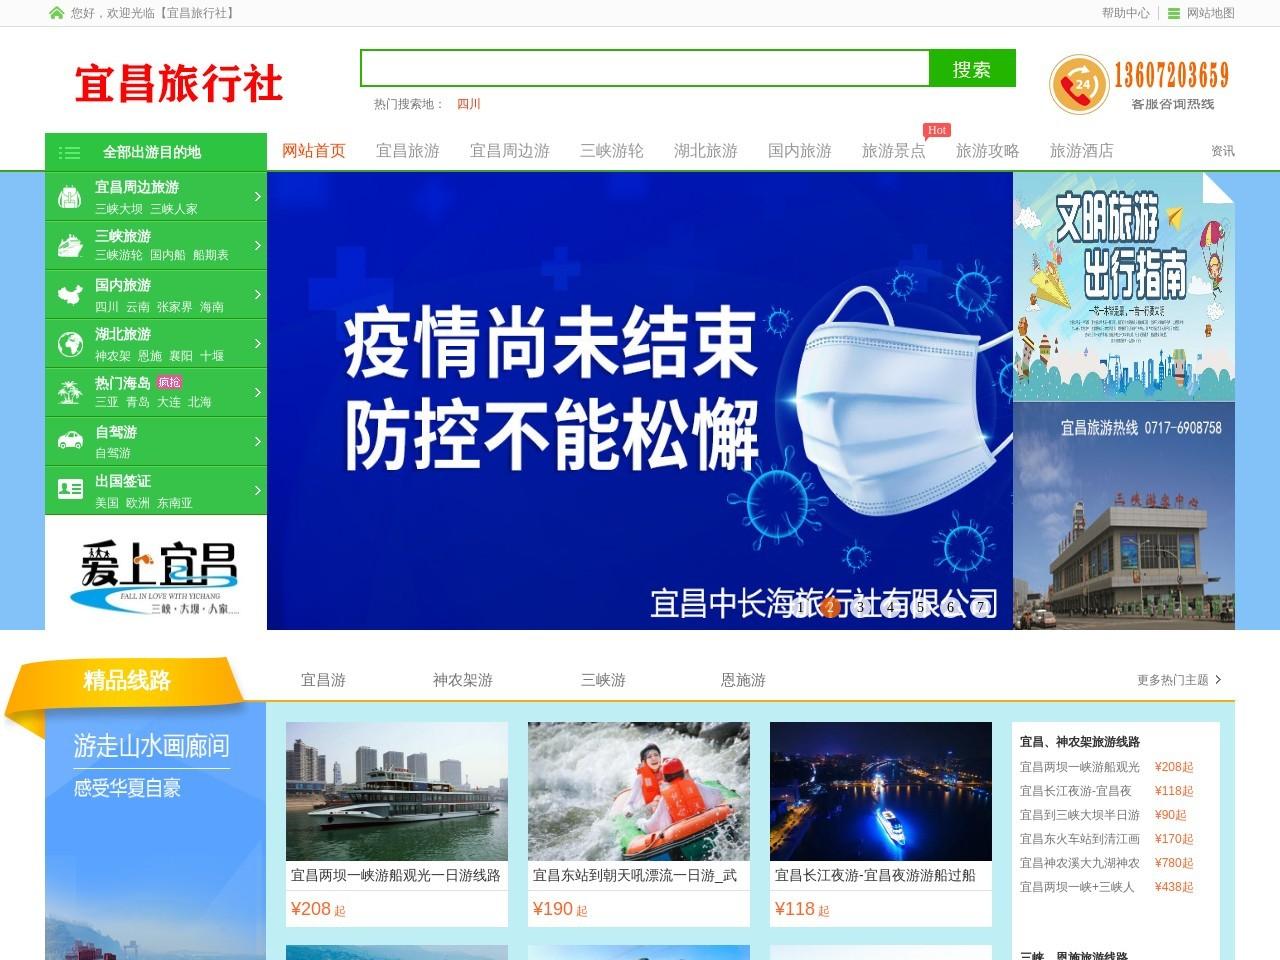 宜昌國際旅行社截圖